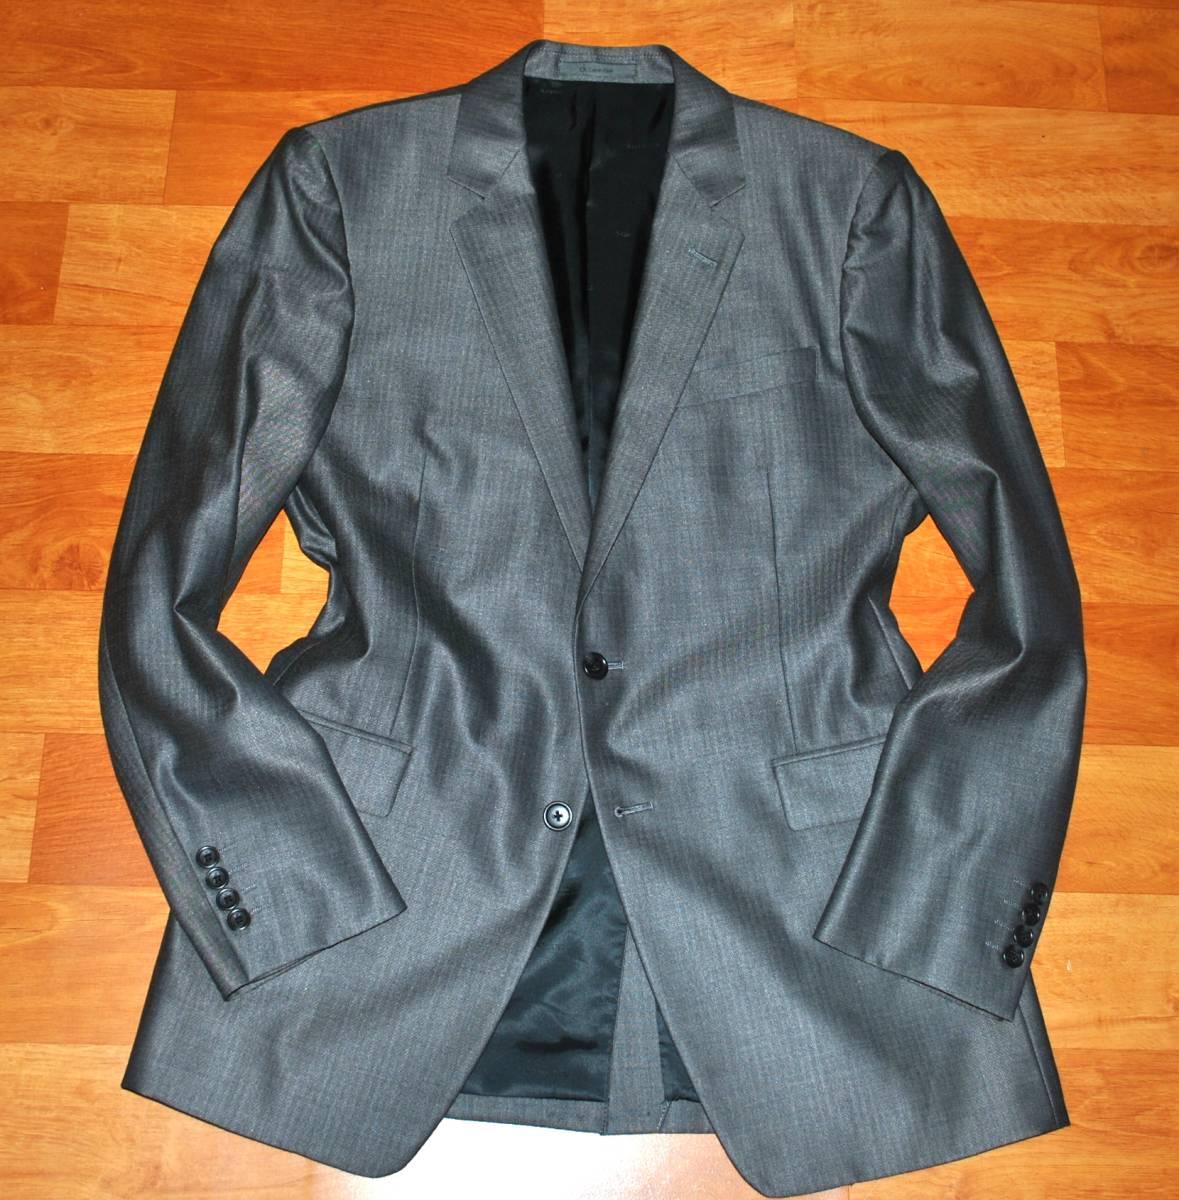 【未使用品】 Calvin Klein カルバンクライン シルク混 最高級 セットアップ スーツ 38 M~L_画像2